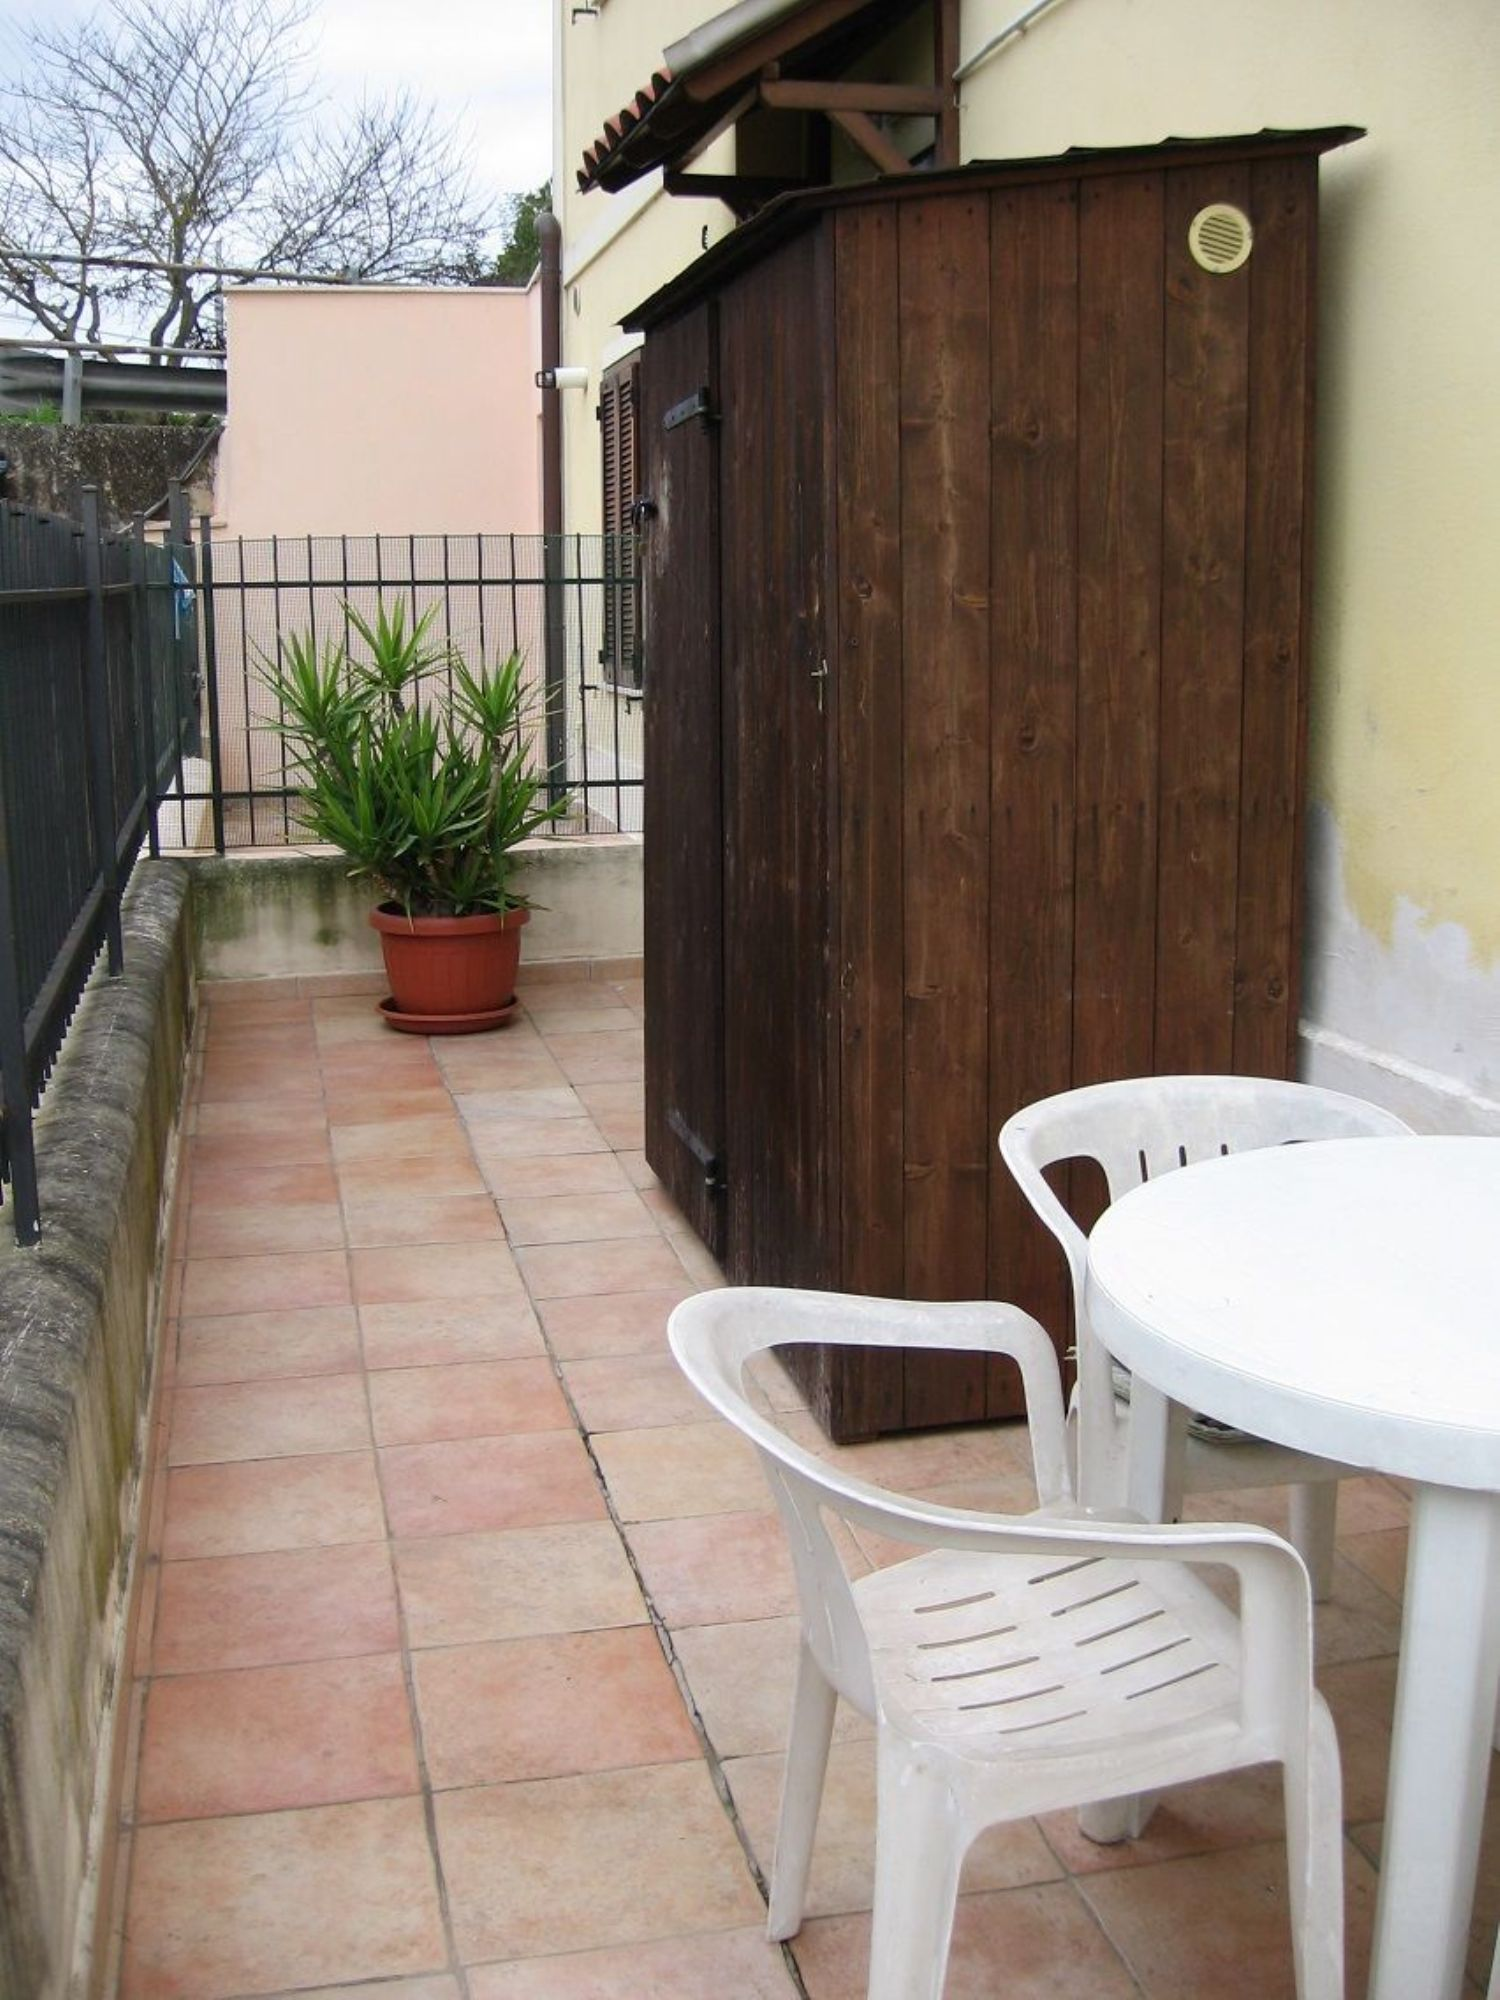 Appartamento in vendita a Orte, 2 locali, prezzo € 45.000 | Cambio Casa.it